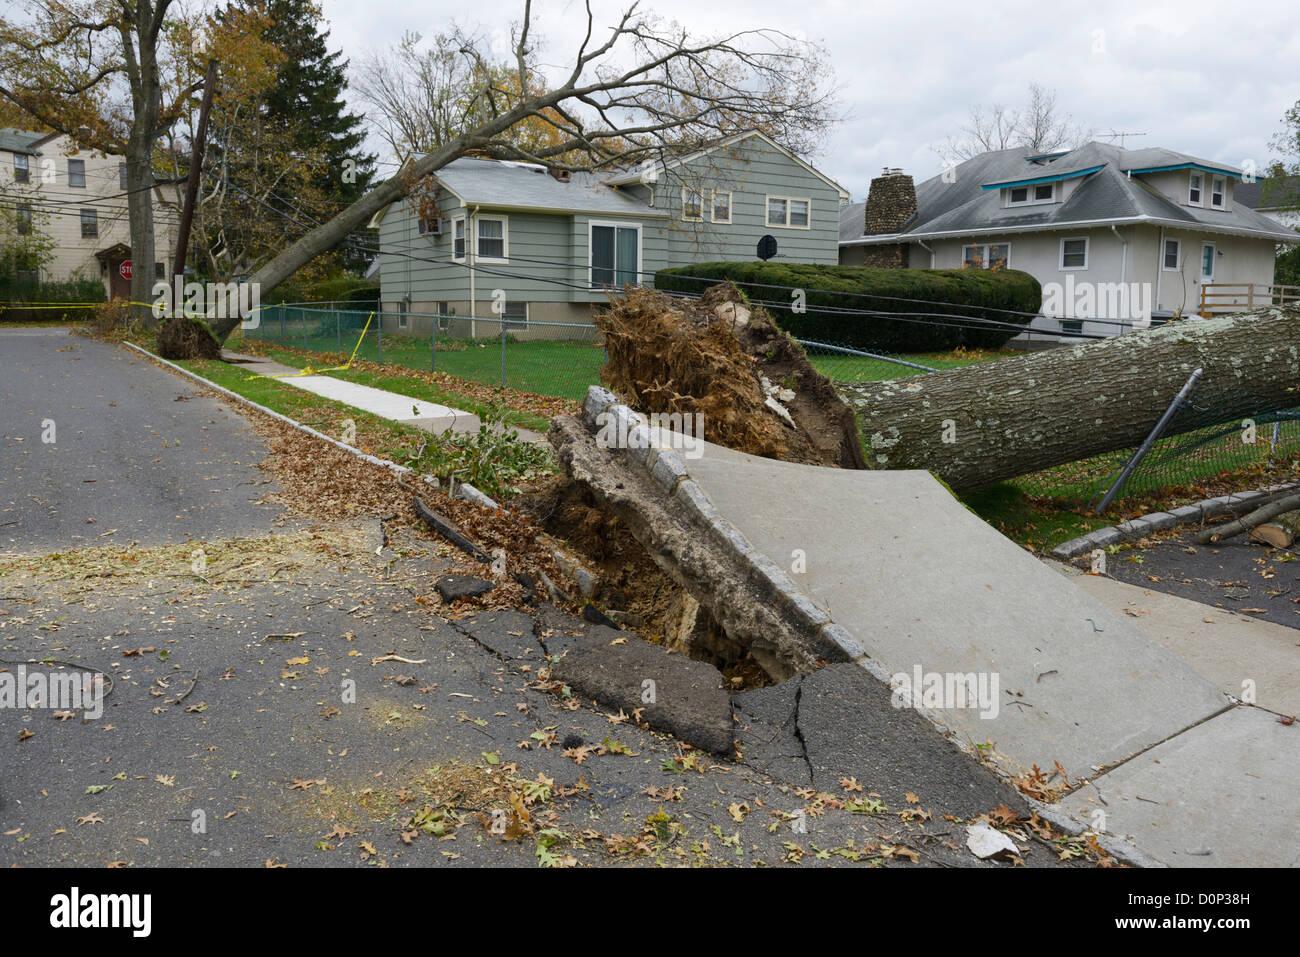 Zerstörung, Häuser, Bäume und Stromleitungen verursacht durch Hurrikan Sandy, Norden von New Jersey Stockbild